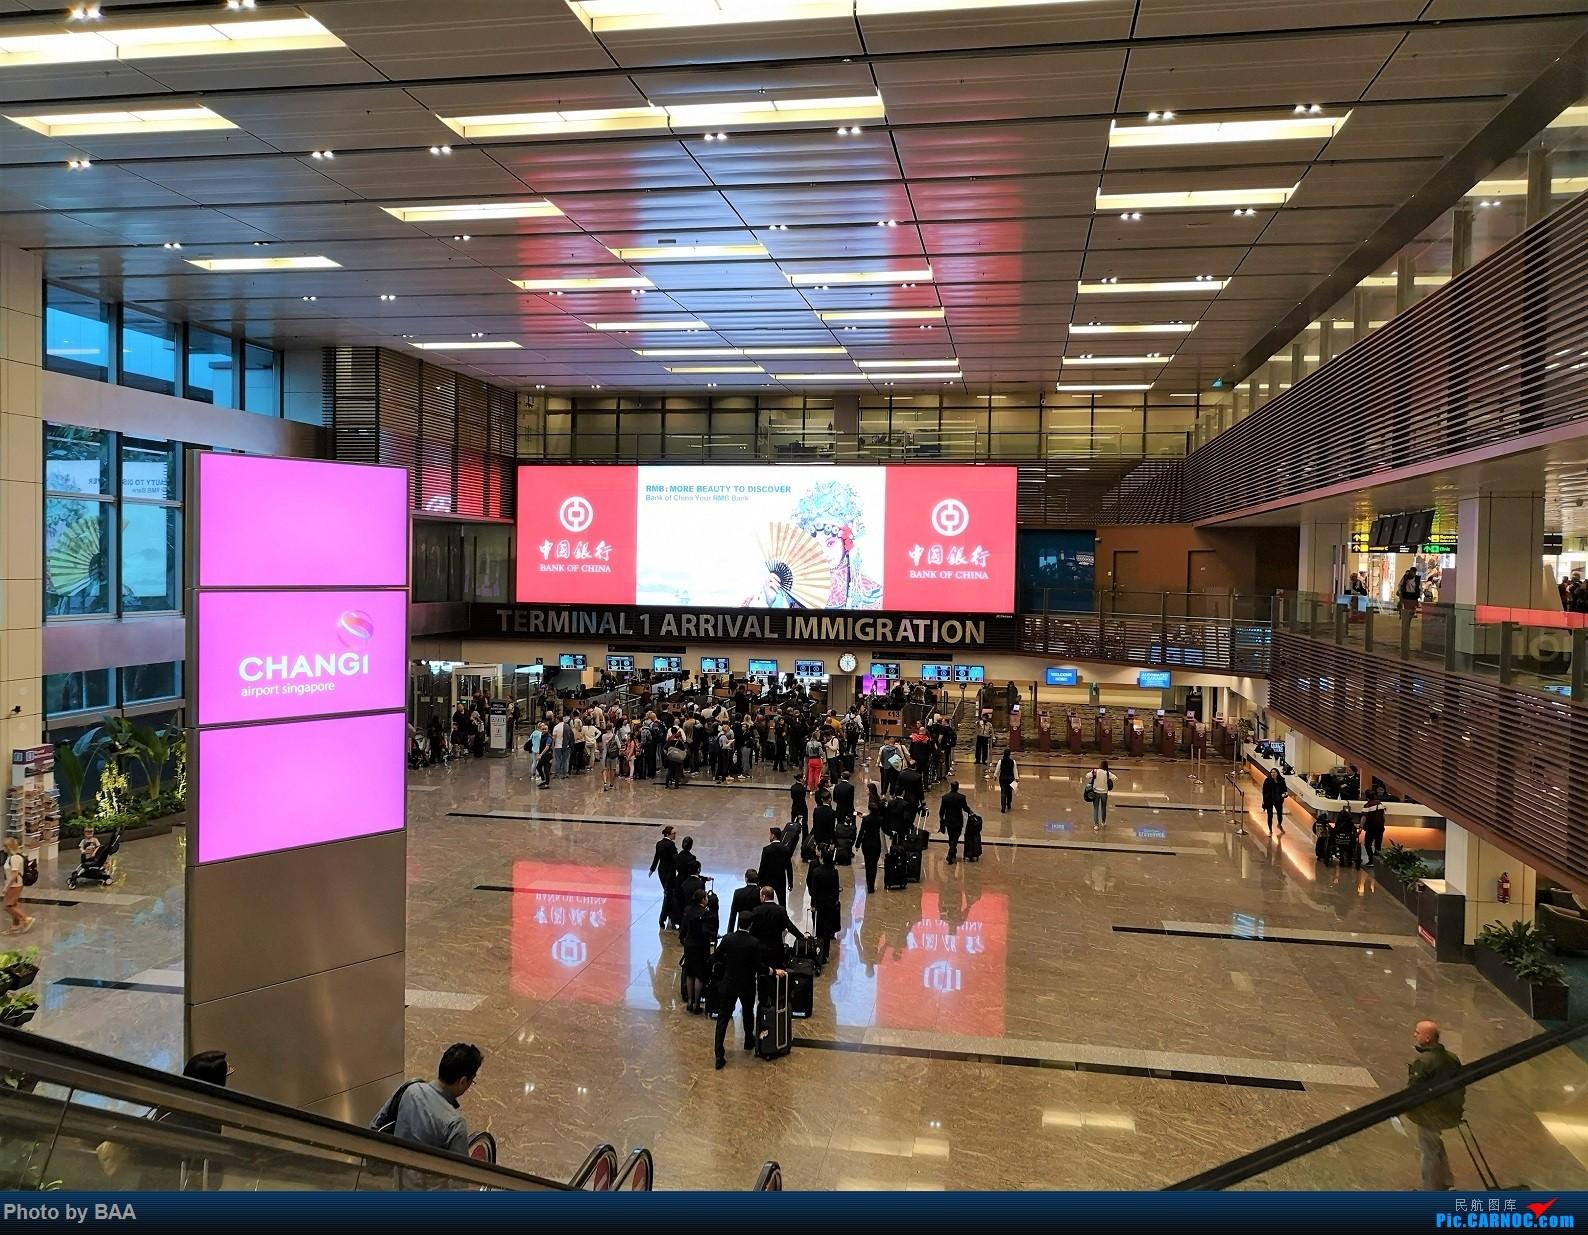 [原创]《带你去旅行》之新加坡之旅(上):维也纳经伊斯坦布尔新机场飞新加坡